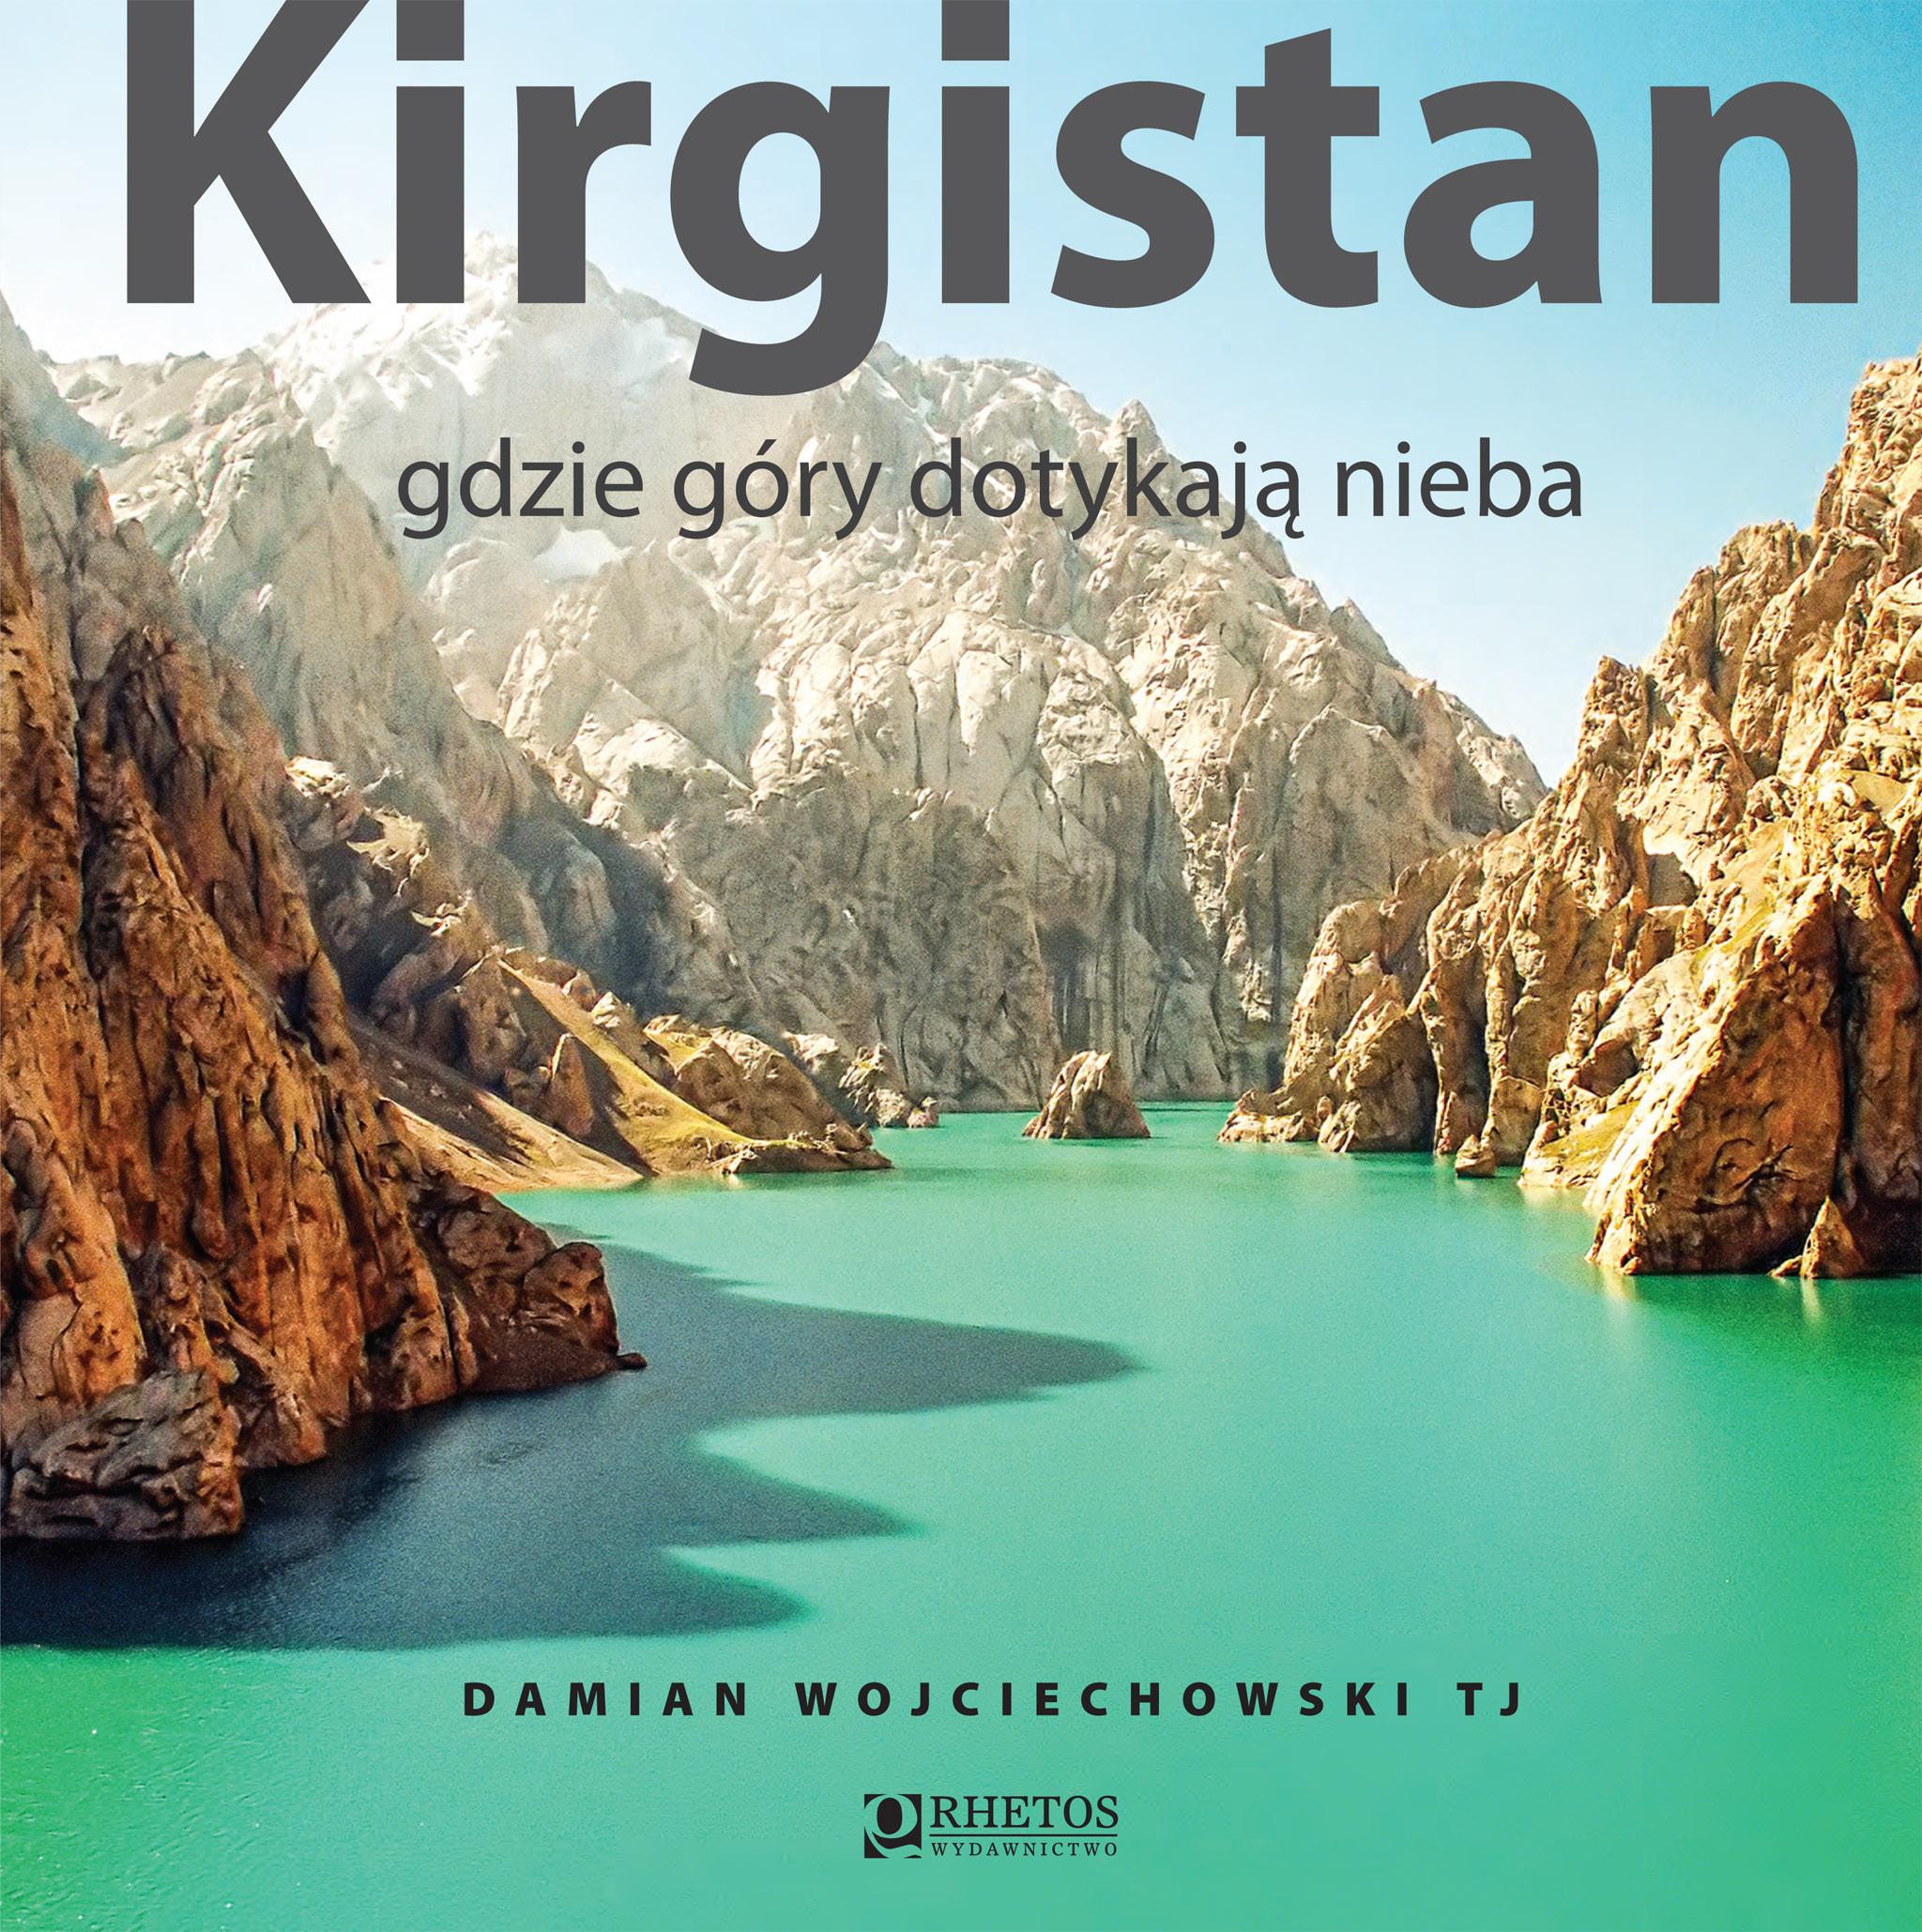 Kirgistan - gdzie góry dotykają nieba